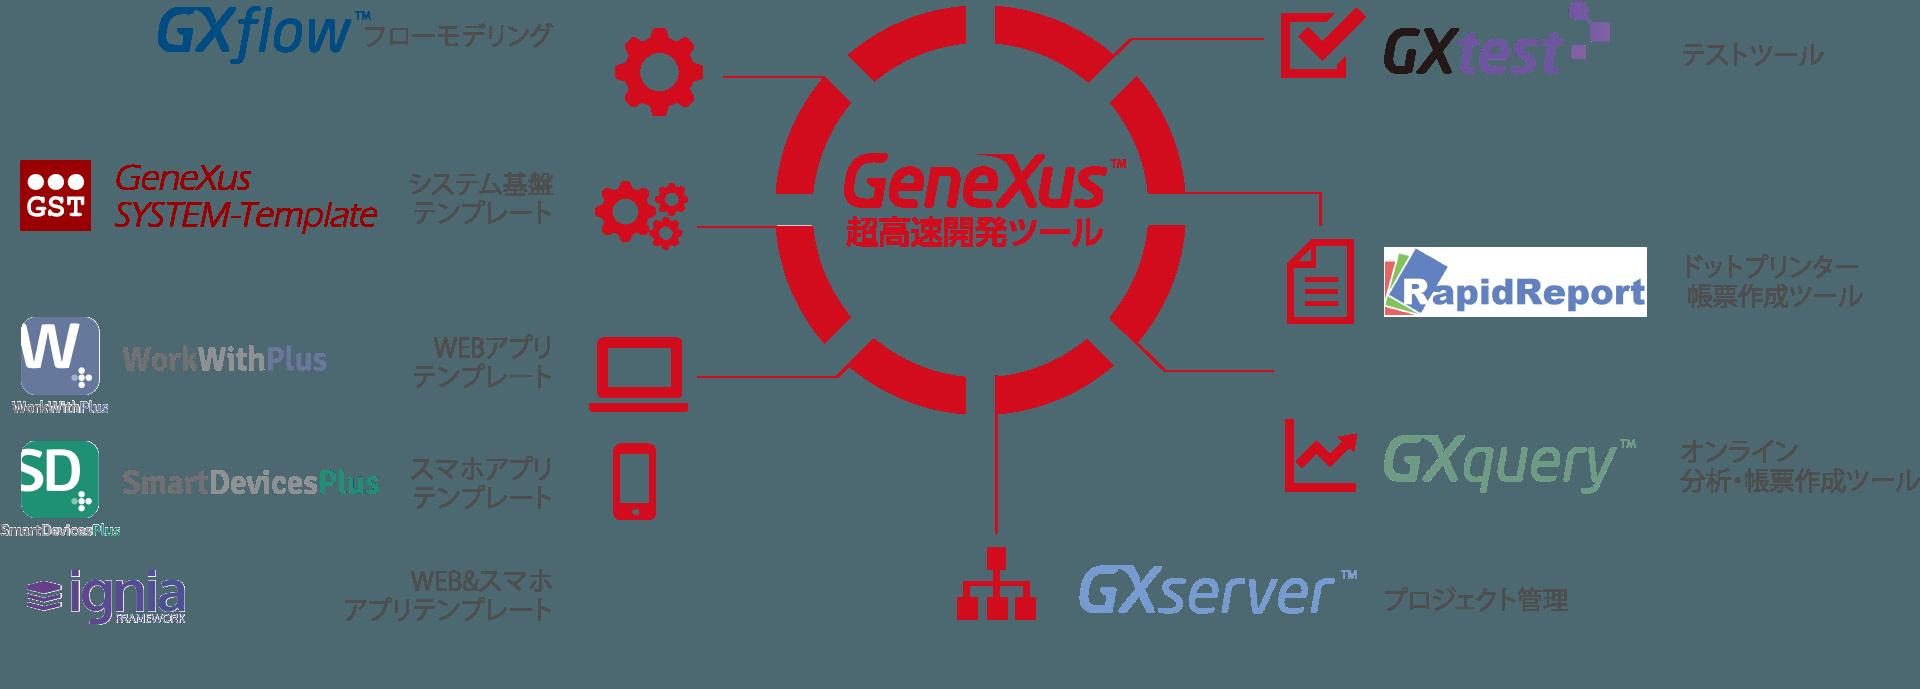 超高速開発ツール GeneXus テストツール、ドットプリンター帳票作成ツール、オンライン分析・帳票作成ツール、プロジェクト管理、WEB&スマホアプリテンプレート、スマホアプリテンプレート、システム基盤テンプレート、フローモデリング